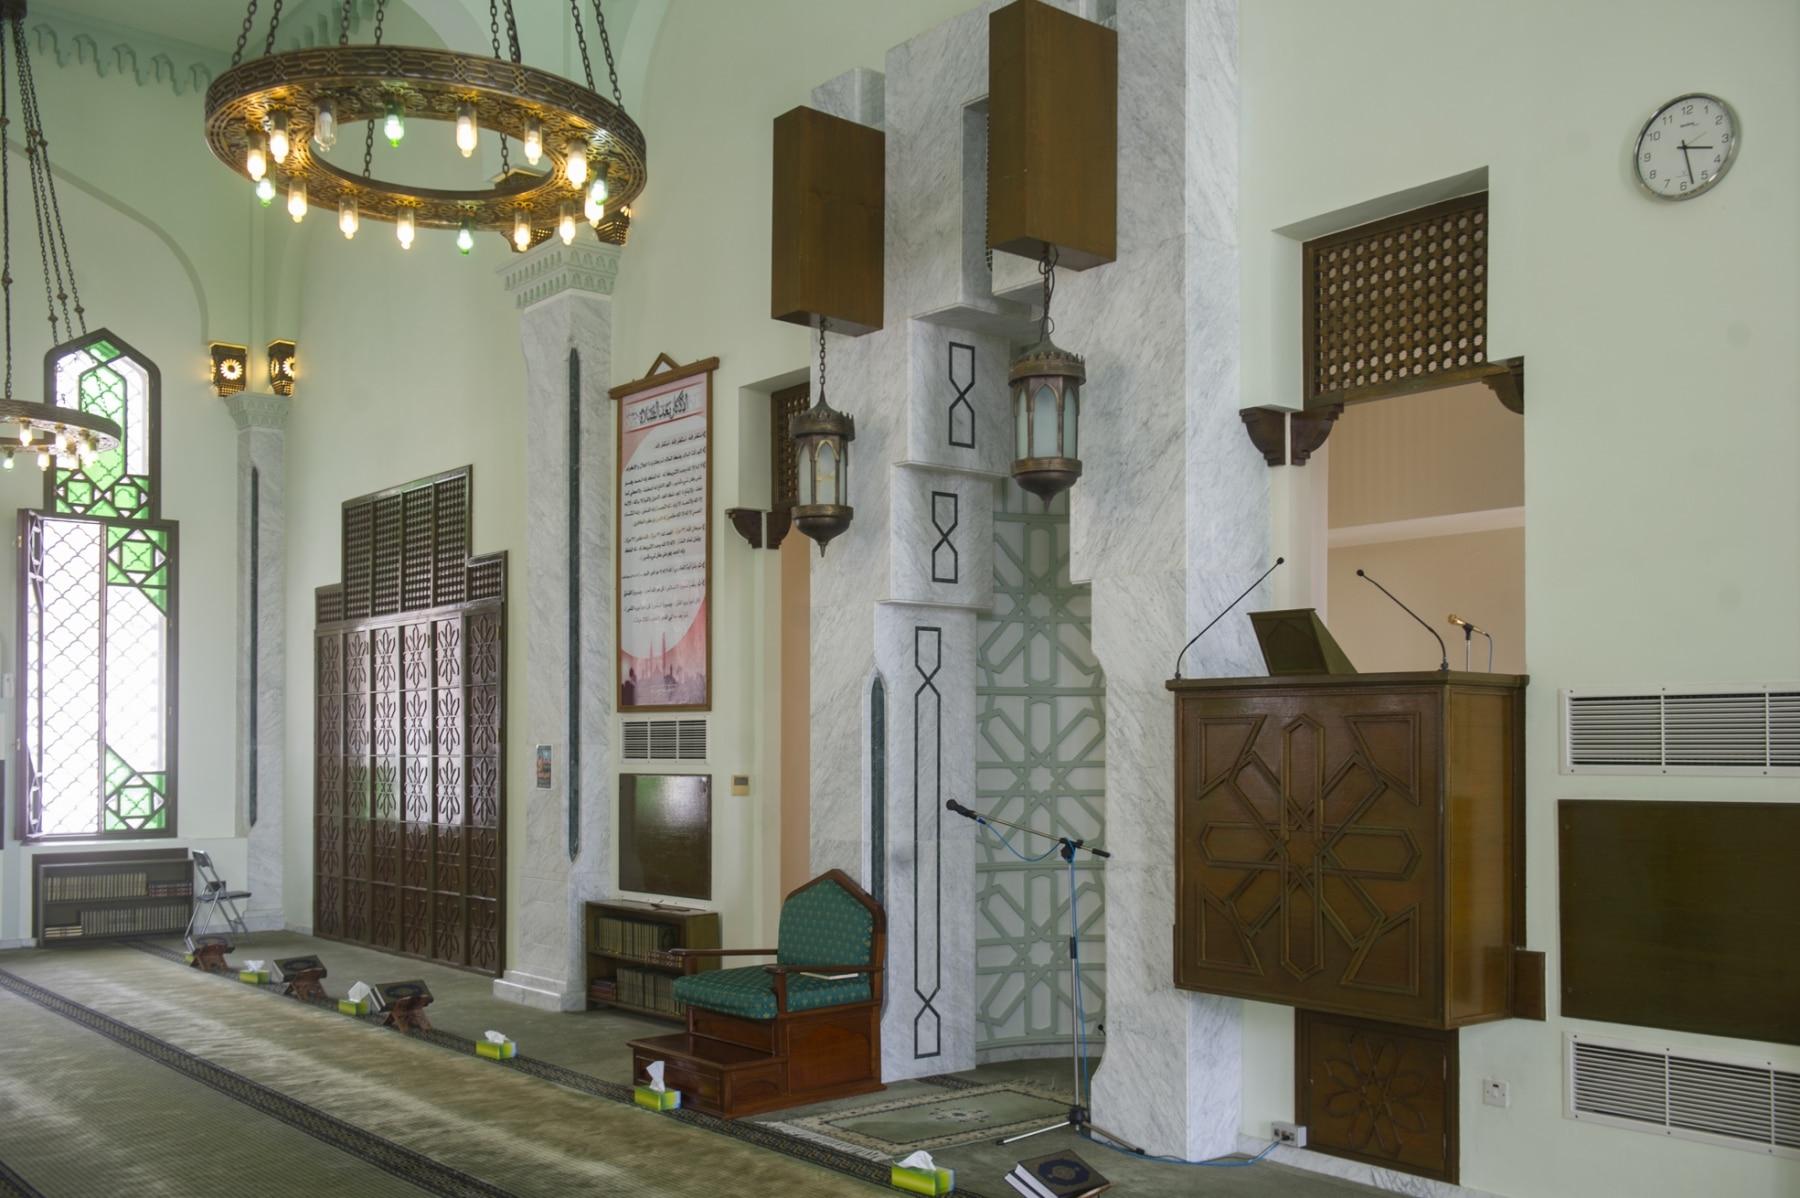 Mezquita-12